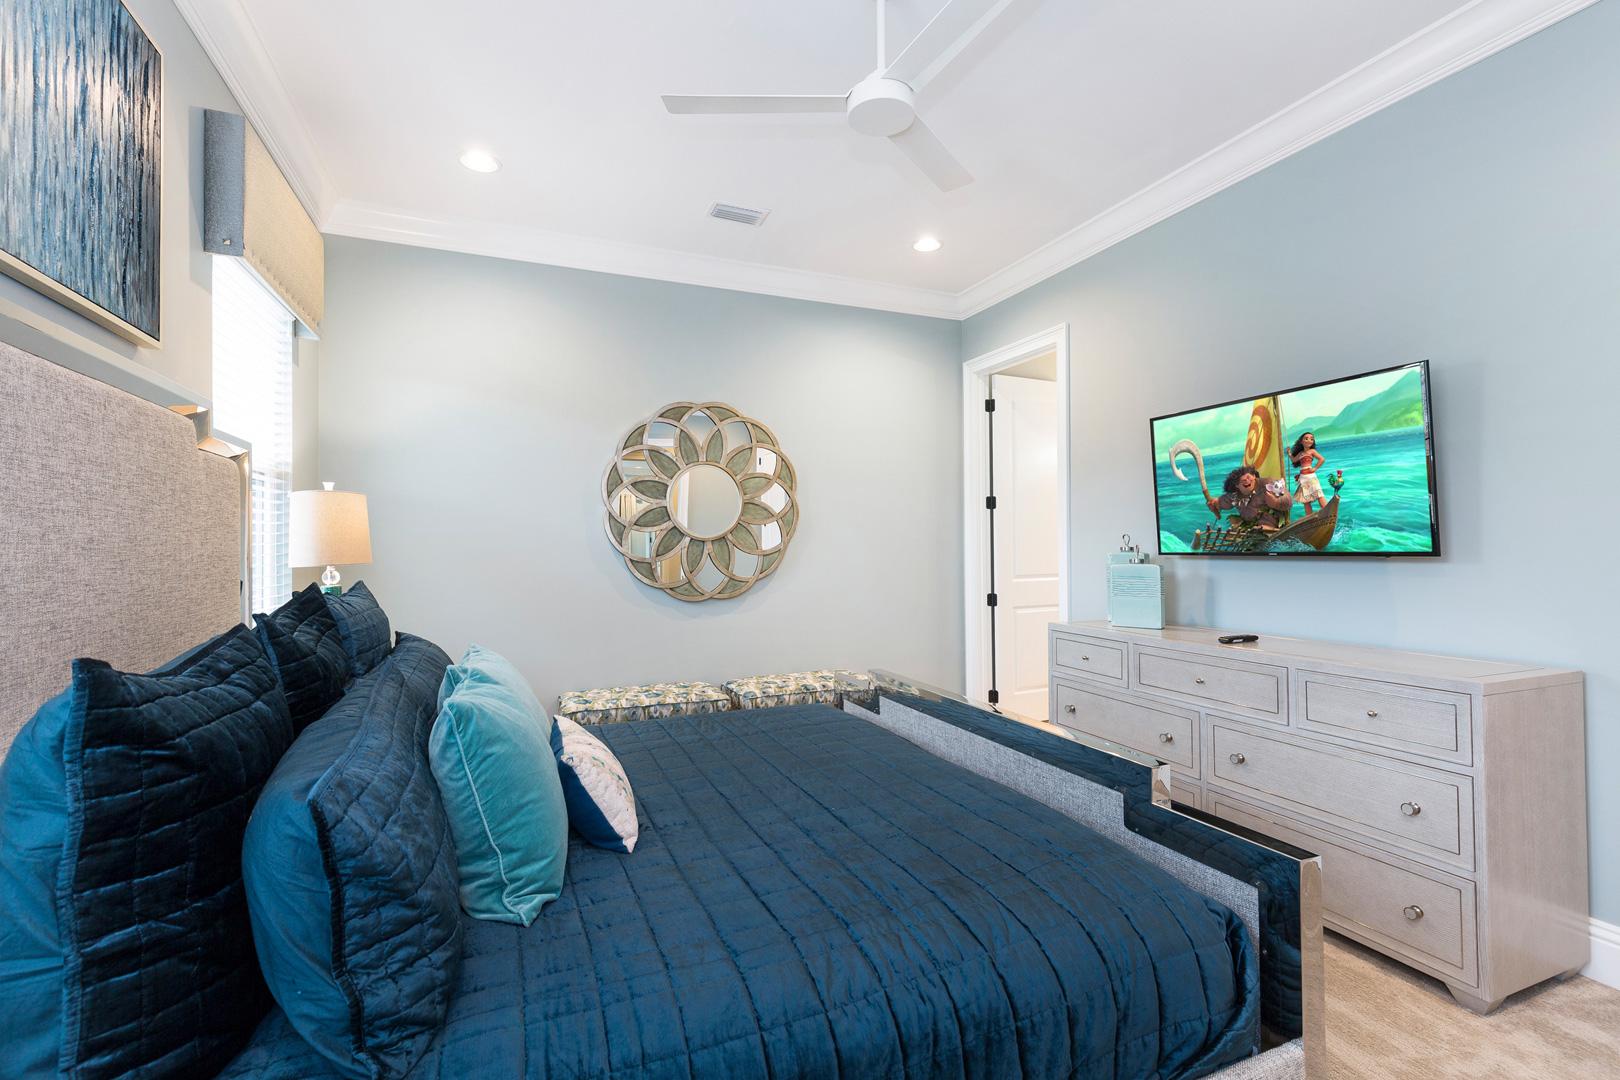 Bedrooms63